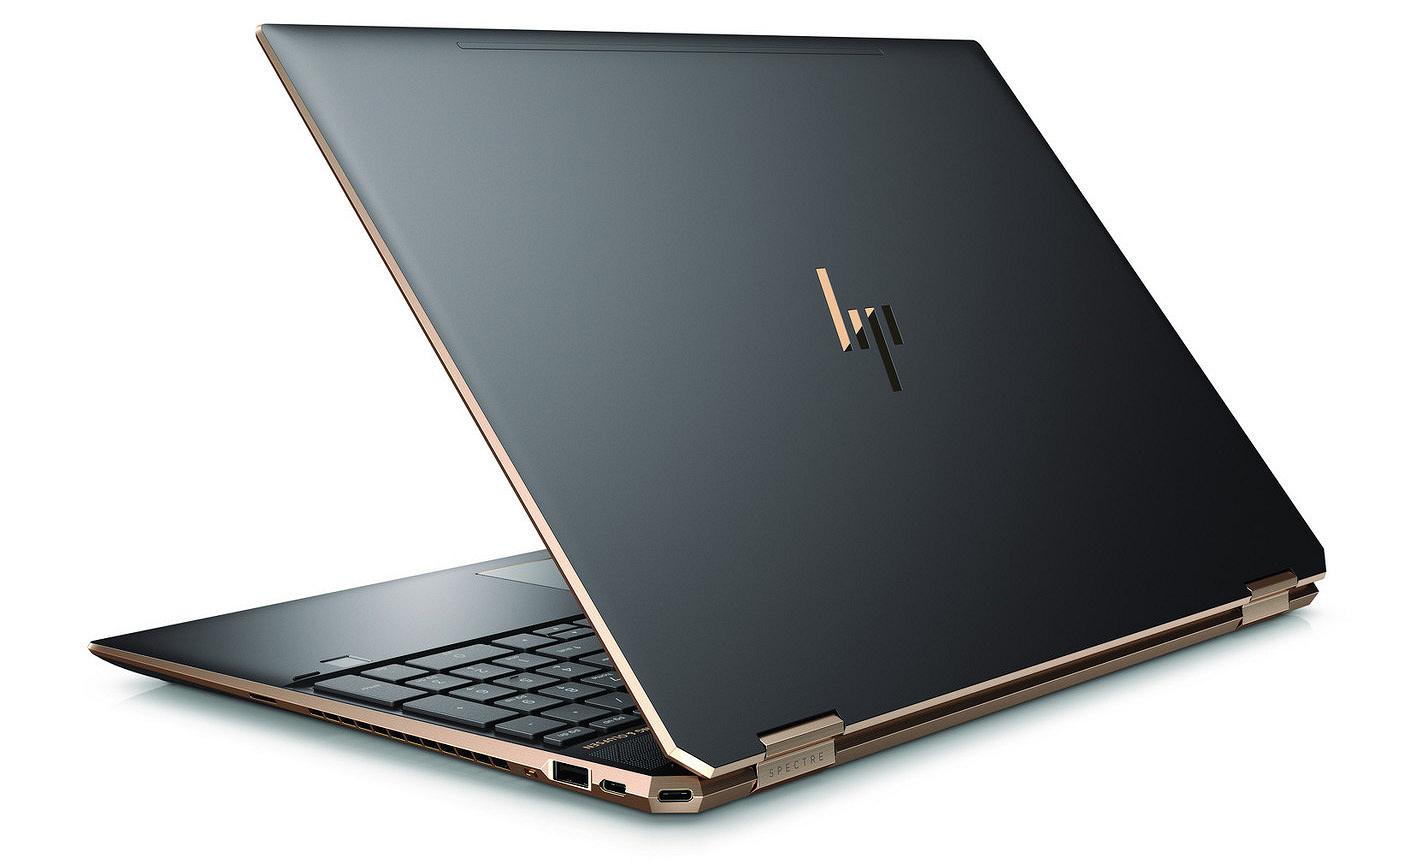 HPEliteBook x360 1040 G5: ноутбук-трансформер для бизнес-пользователей